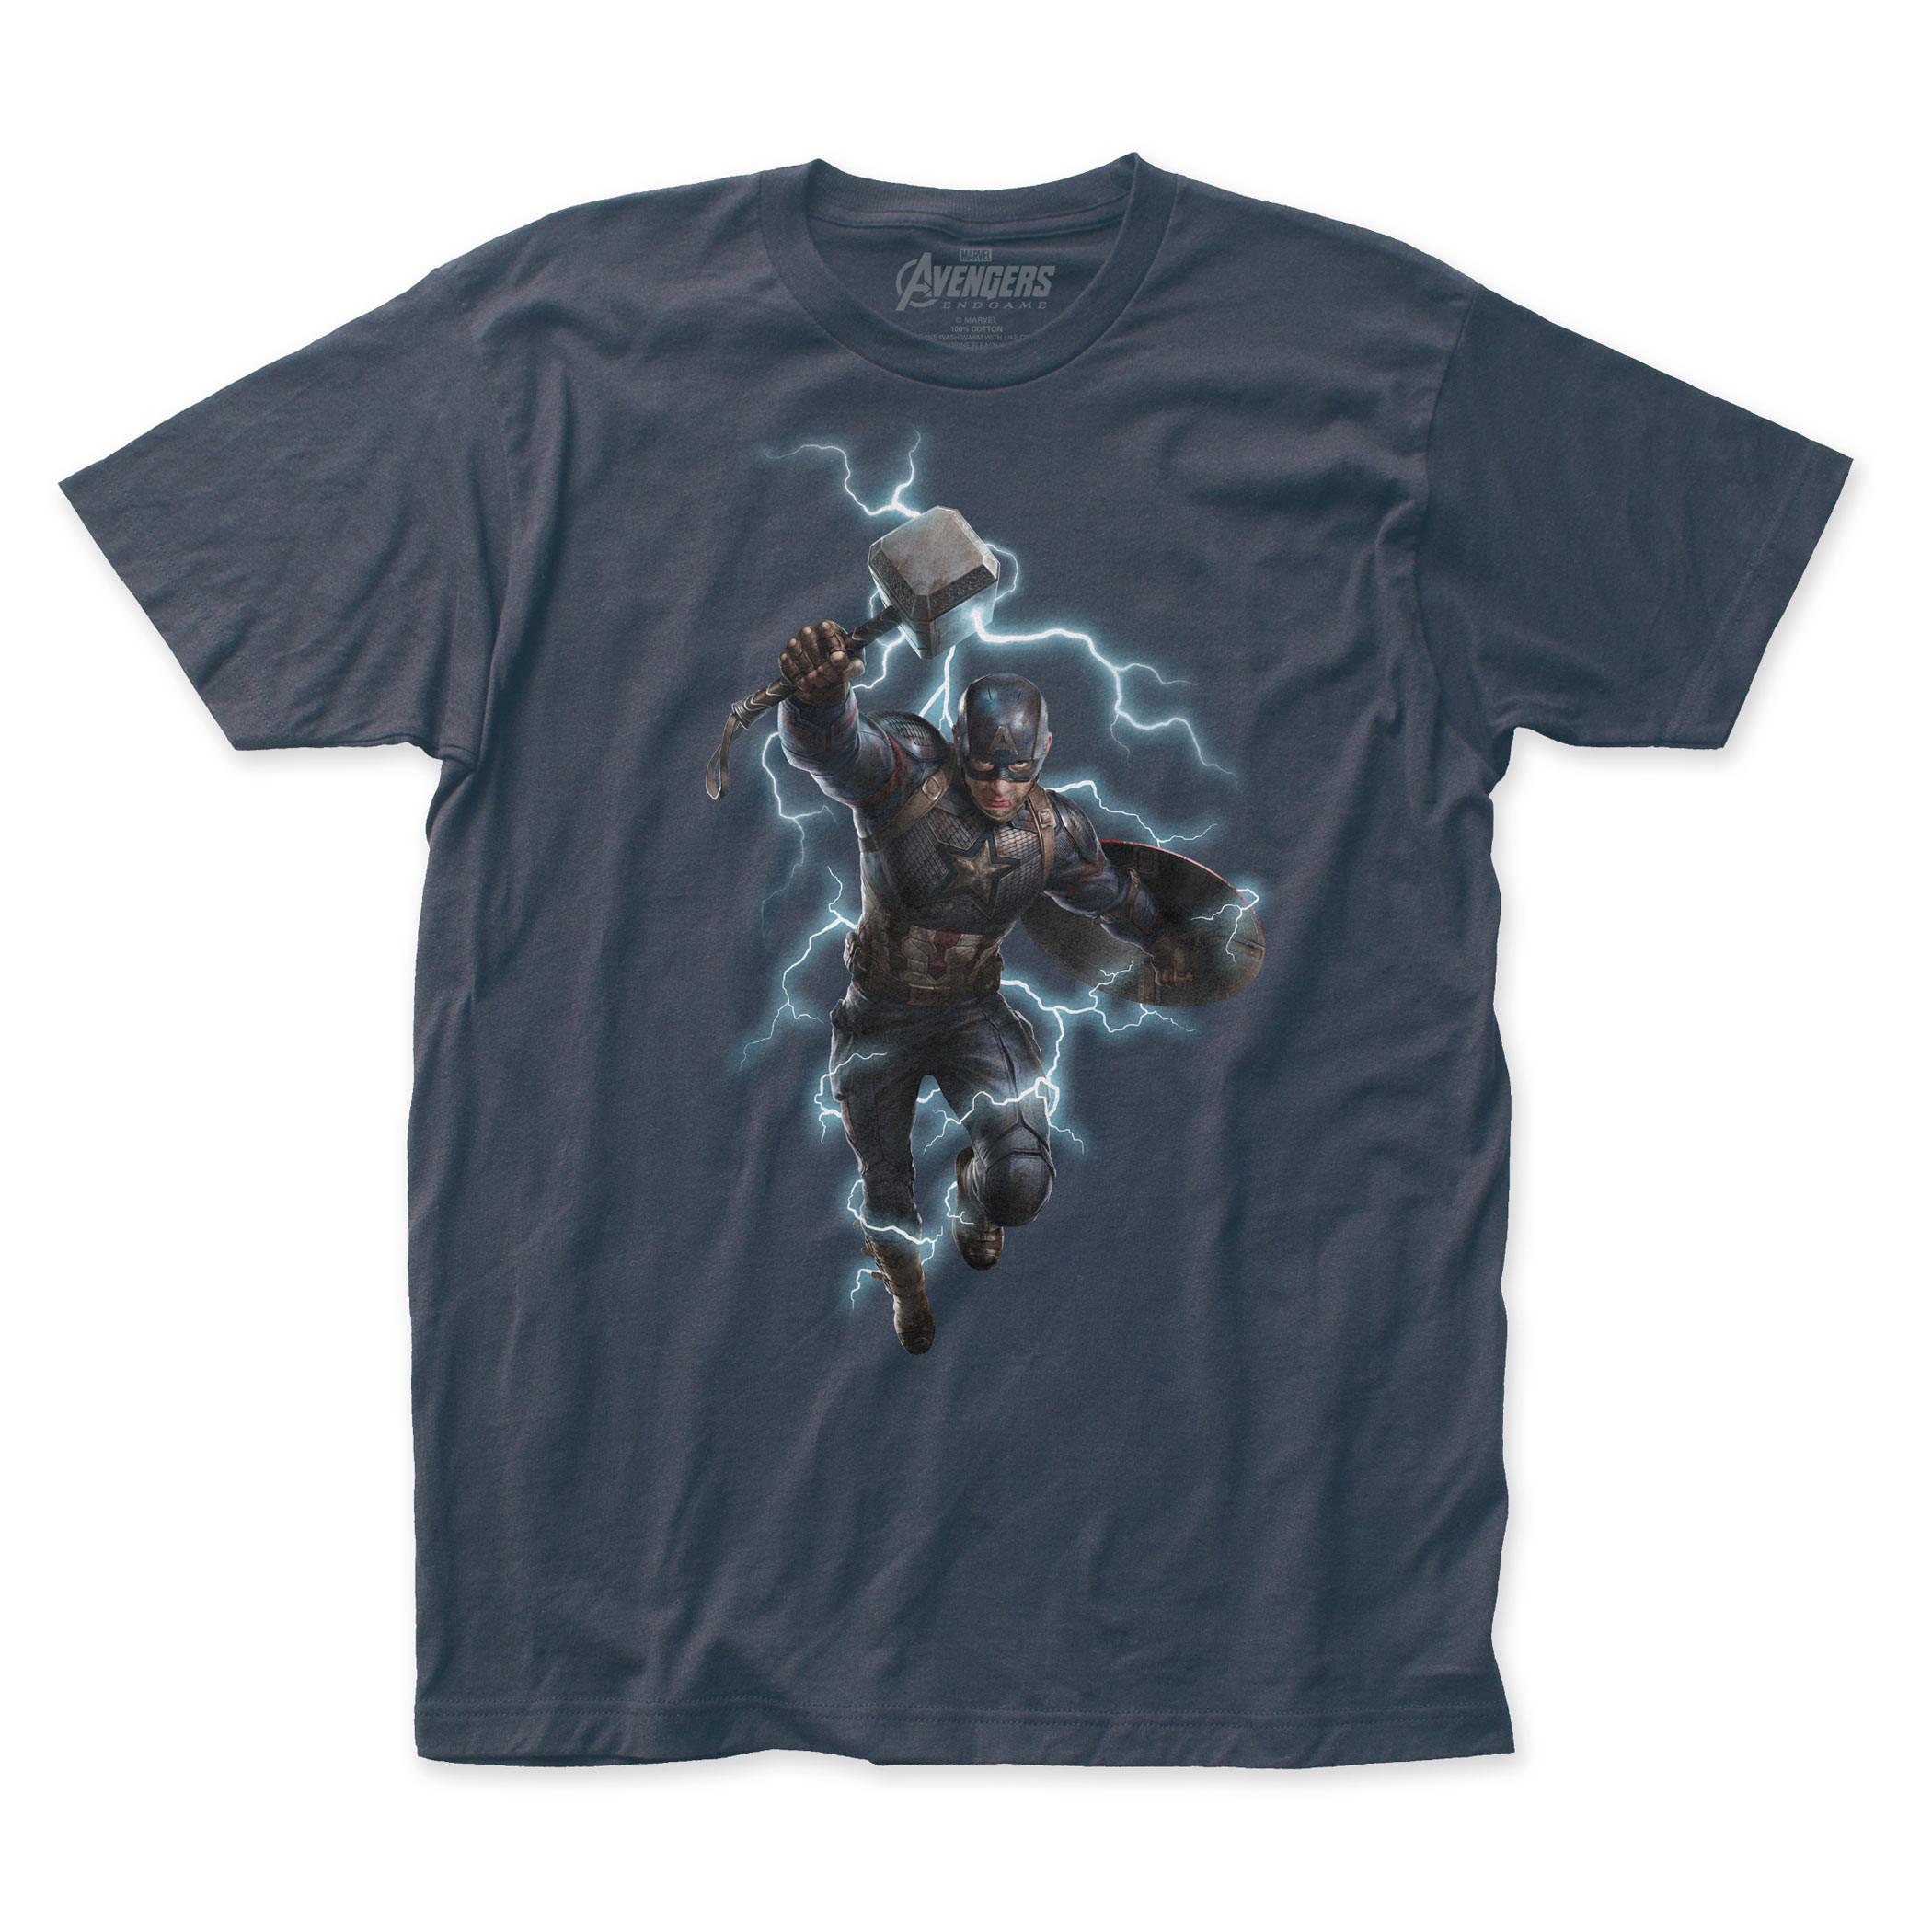 Captain America Wielding Mjolnir Avengers Endgame T-Shirt